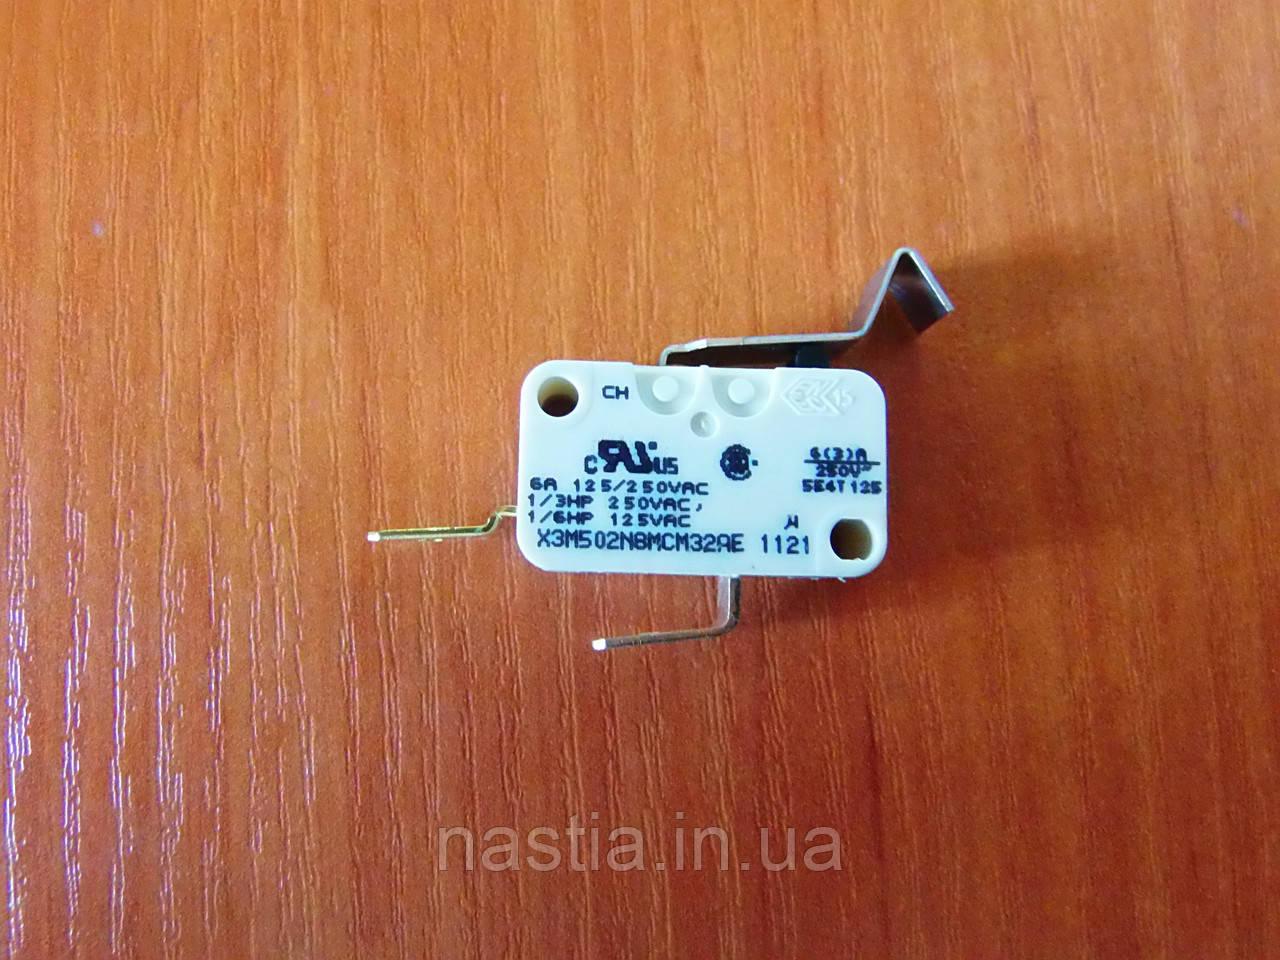 NE05.043 Мікропереключатель(відкриття гарячої води і пара), X3M502N8MCM32AE, Vienna